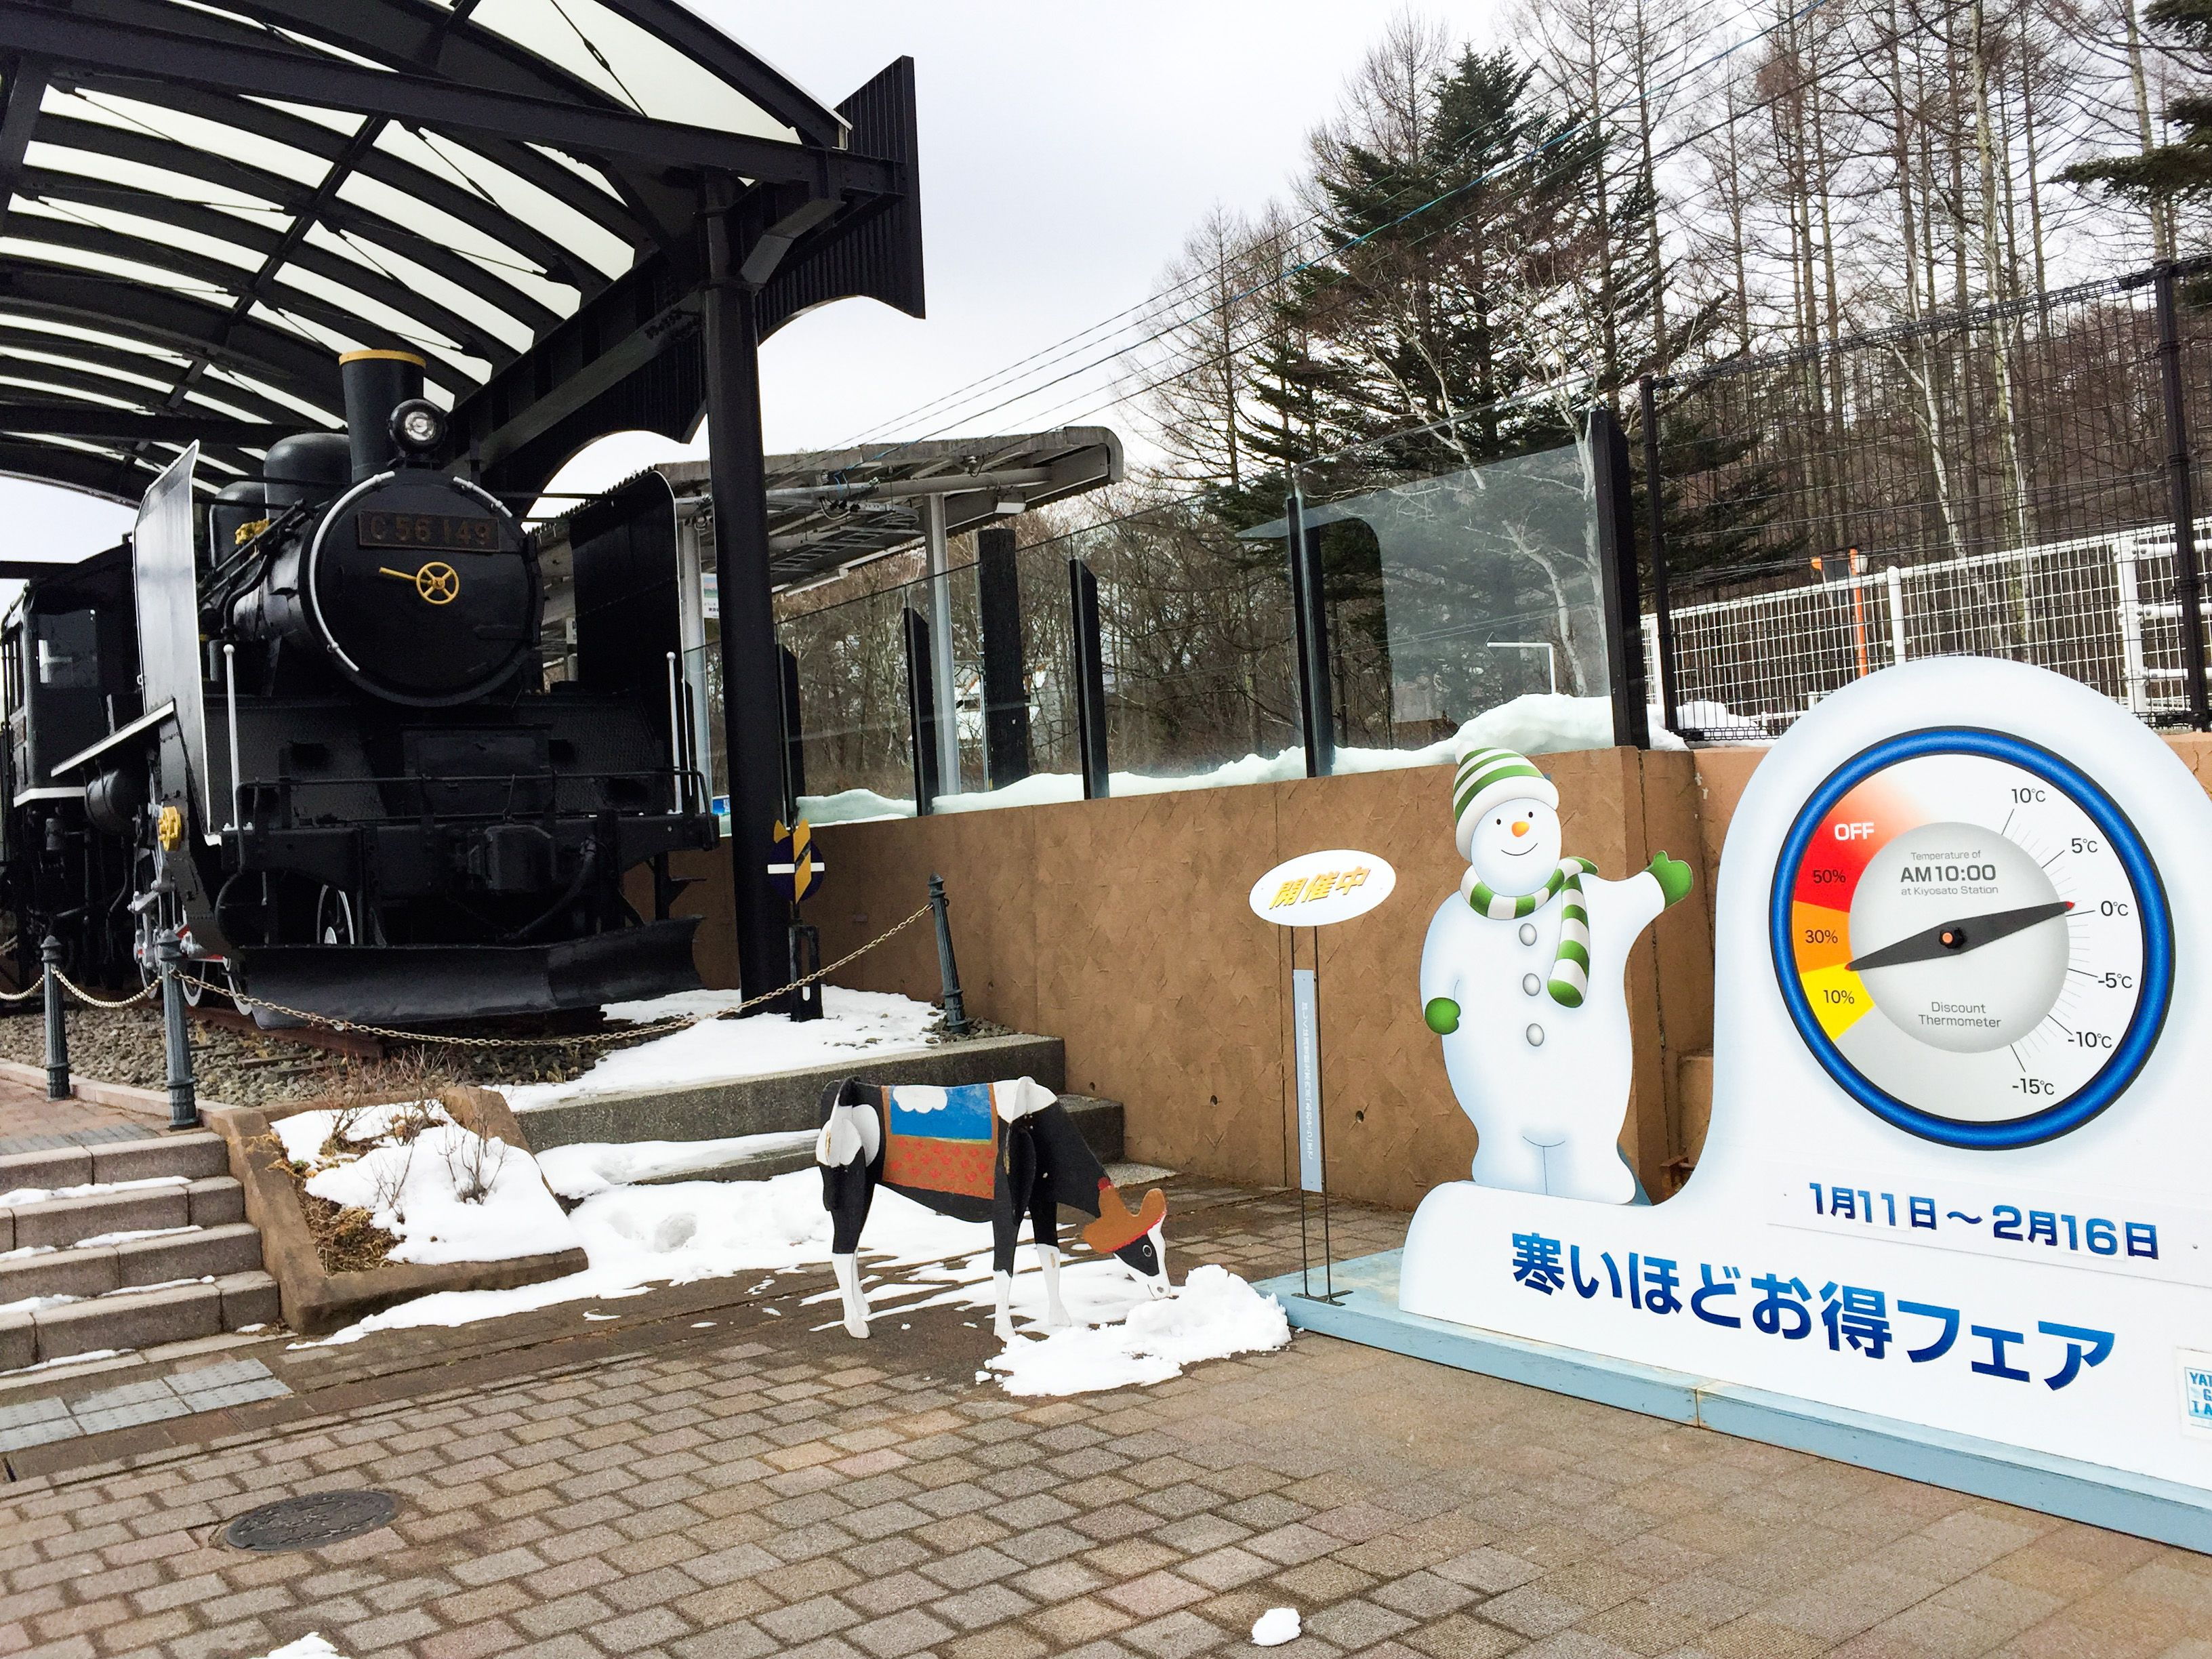 清里駅前寒得フェア温度計 Kiyosato Station 温度計 清里 八ヶ岳